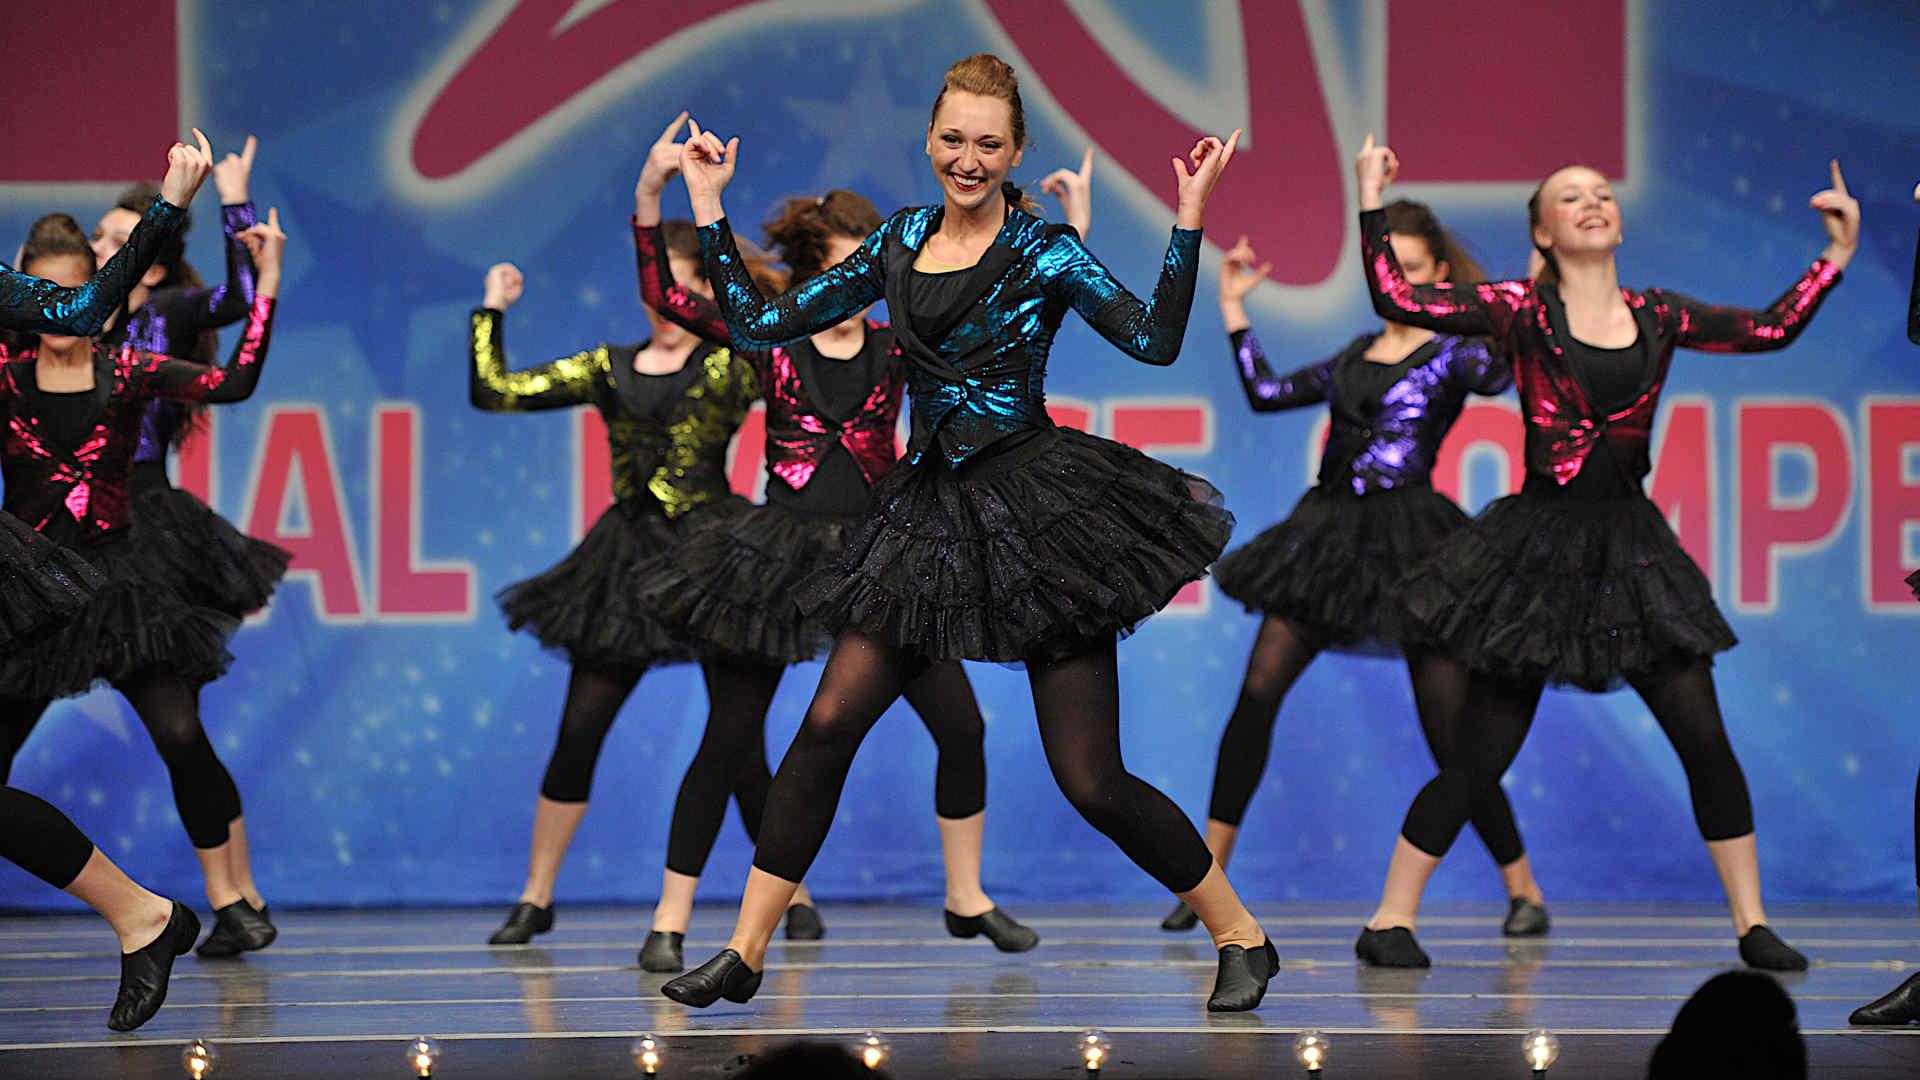 Company Dance Class Attire